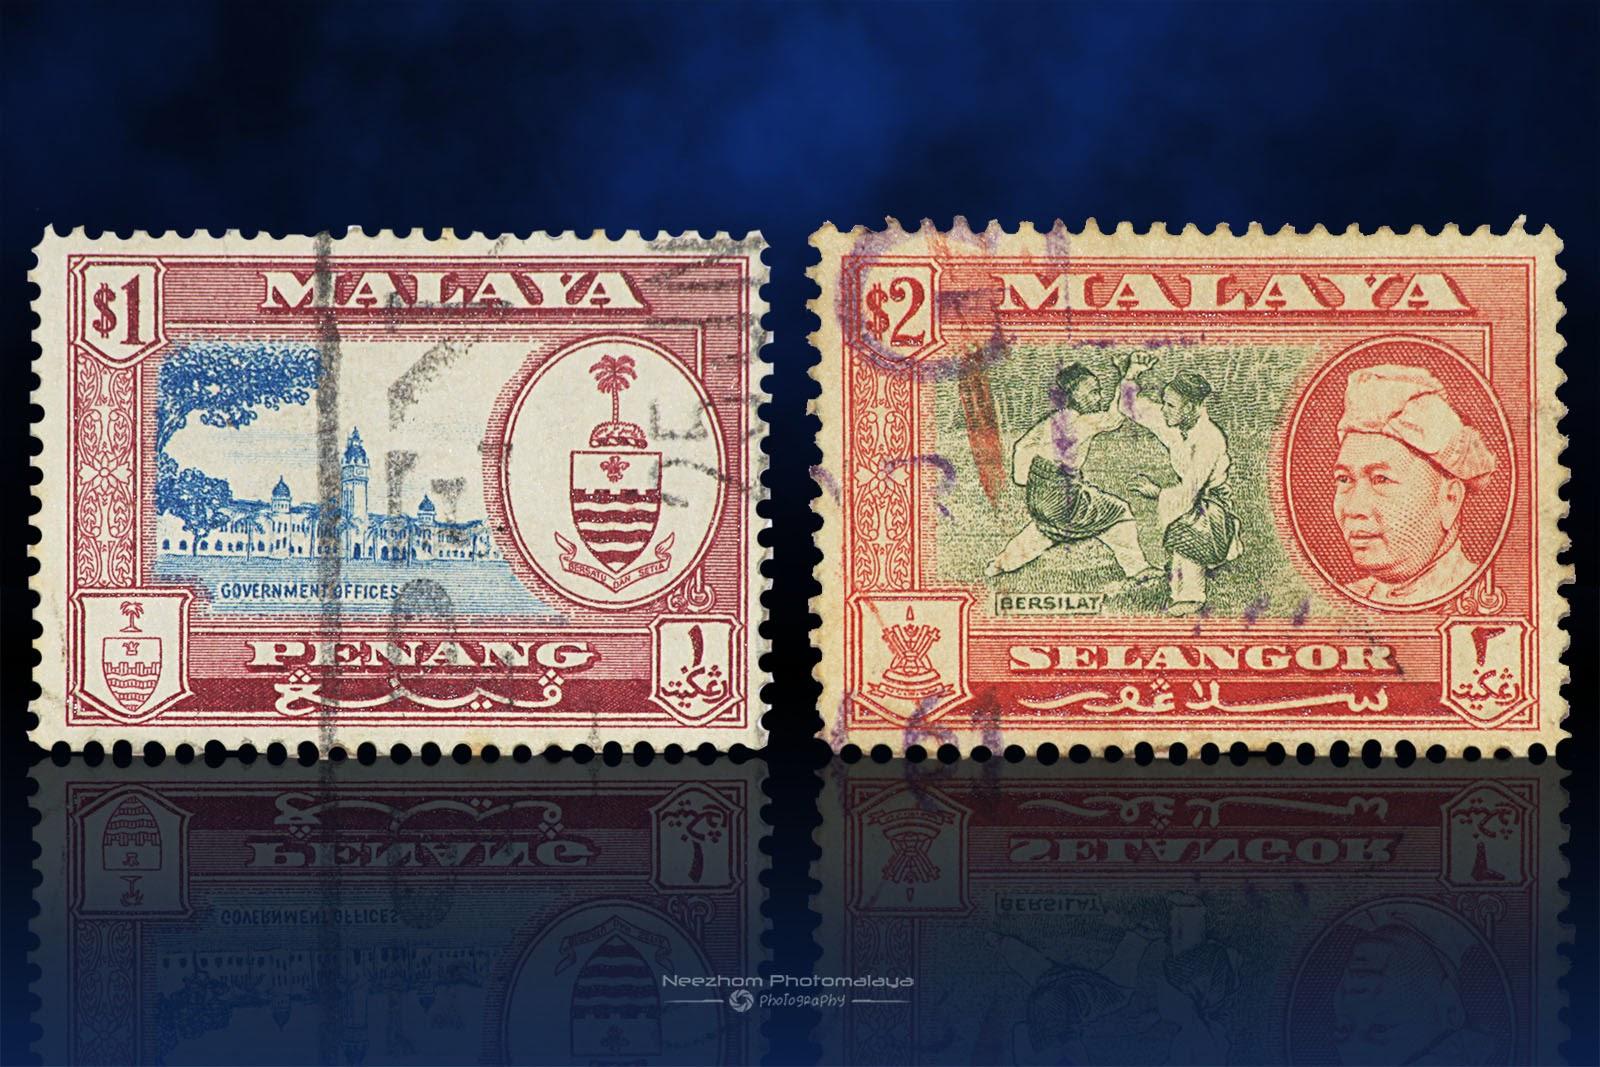 Setem Malaya 1957 - 1961 stamps 1 Ringgit, 2 Ringgit